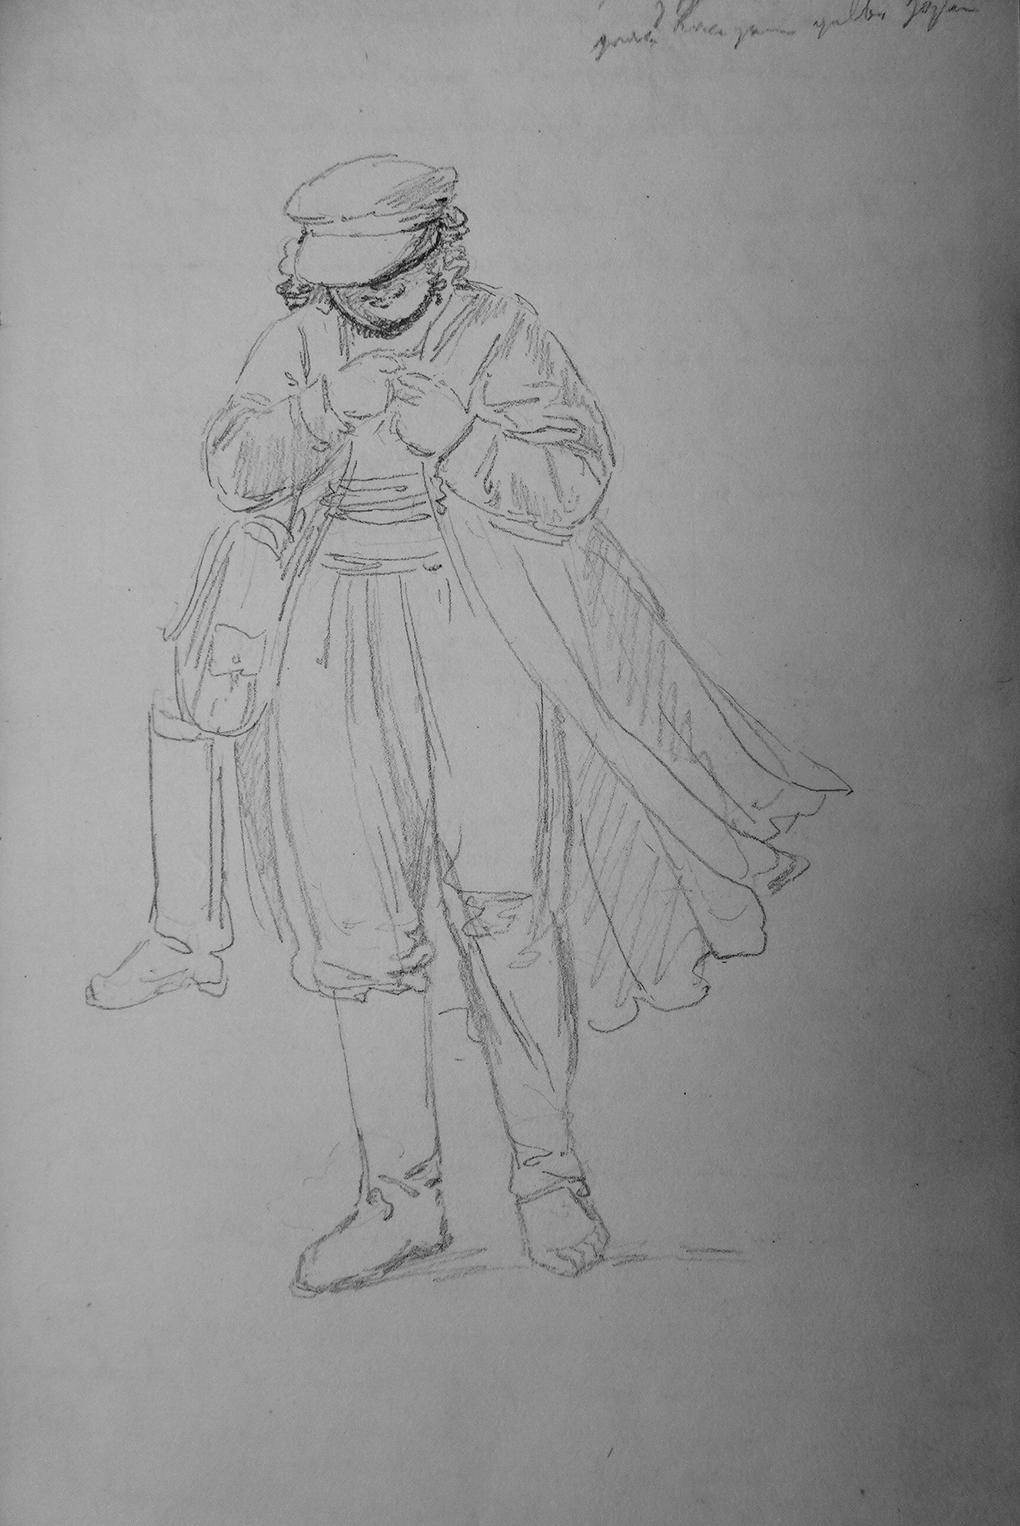 Ludwig Most, Żydowski chłopiec, 21 sierpnia 1835, papier czerpany, ołówek, Szkicownik VII, karta 3, Muzeum Narodowe w Szczecinie